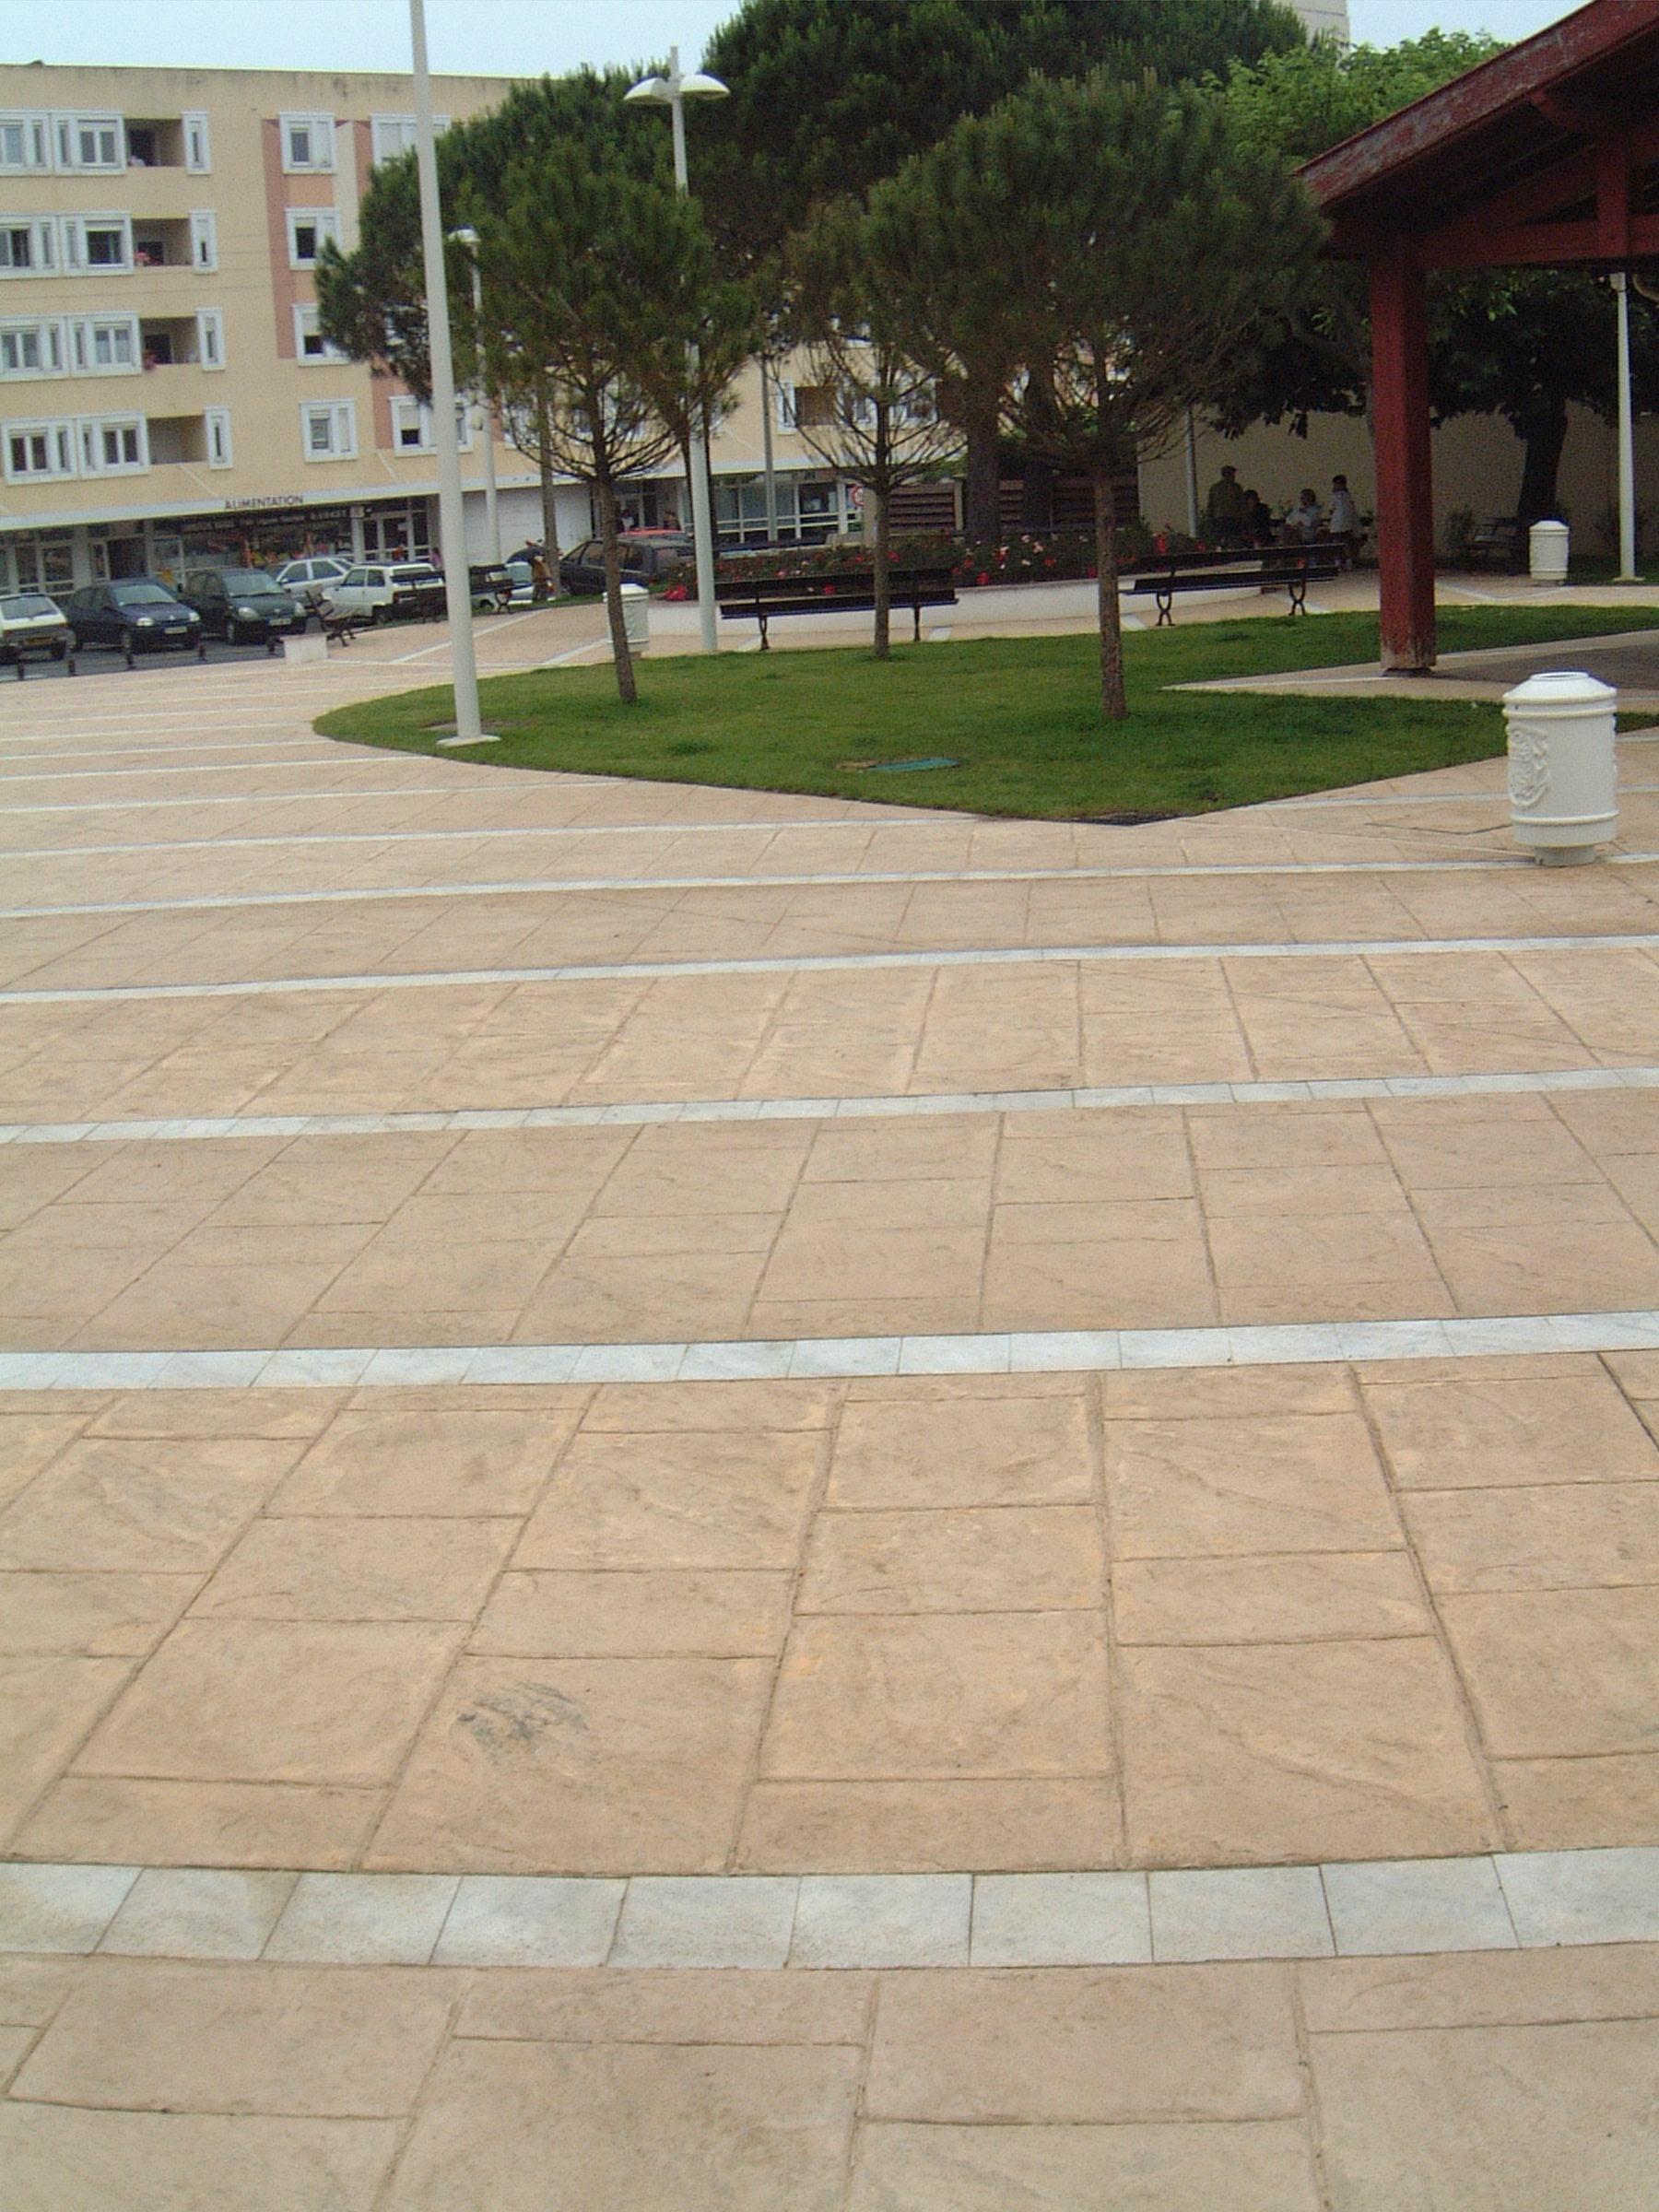 Pavimento de hormig n impreso for Pavimento de hormigon barcelona